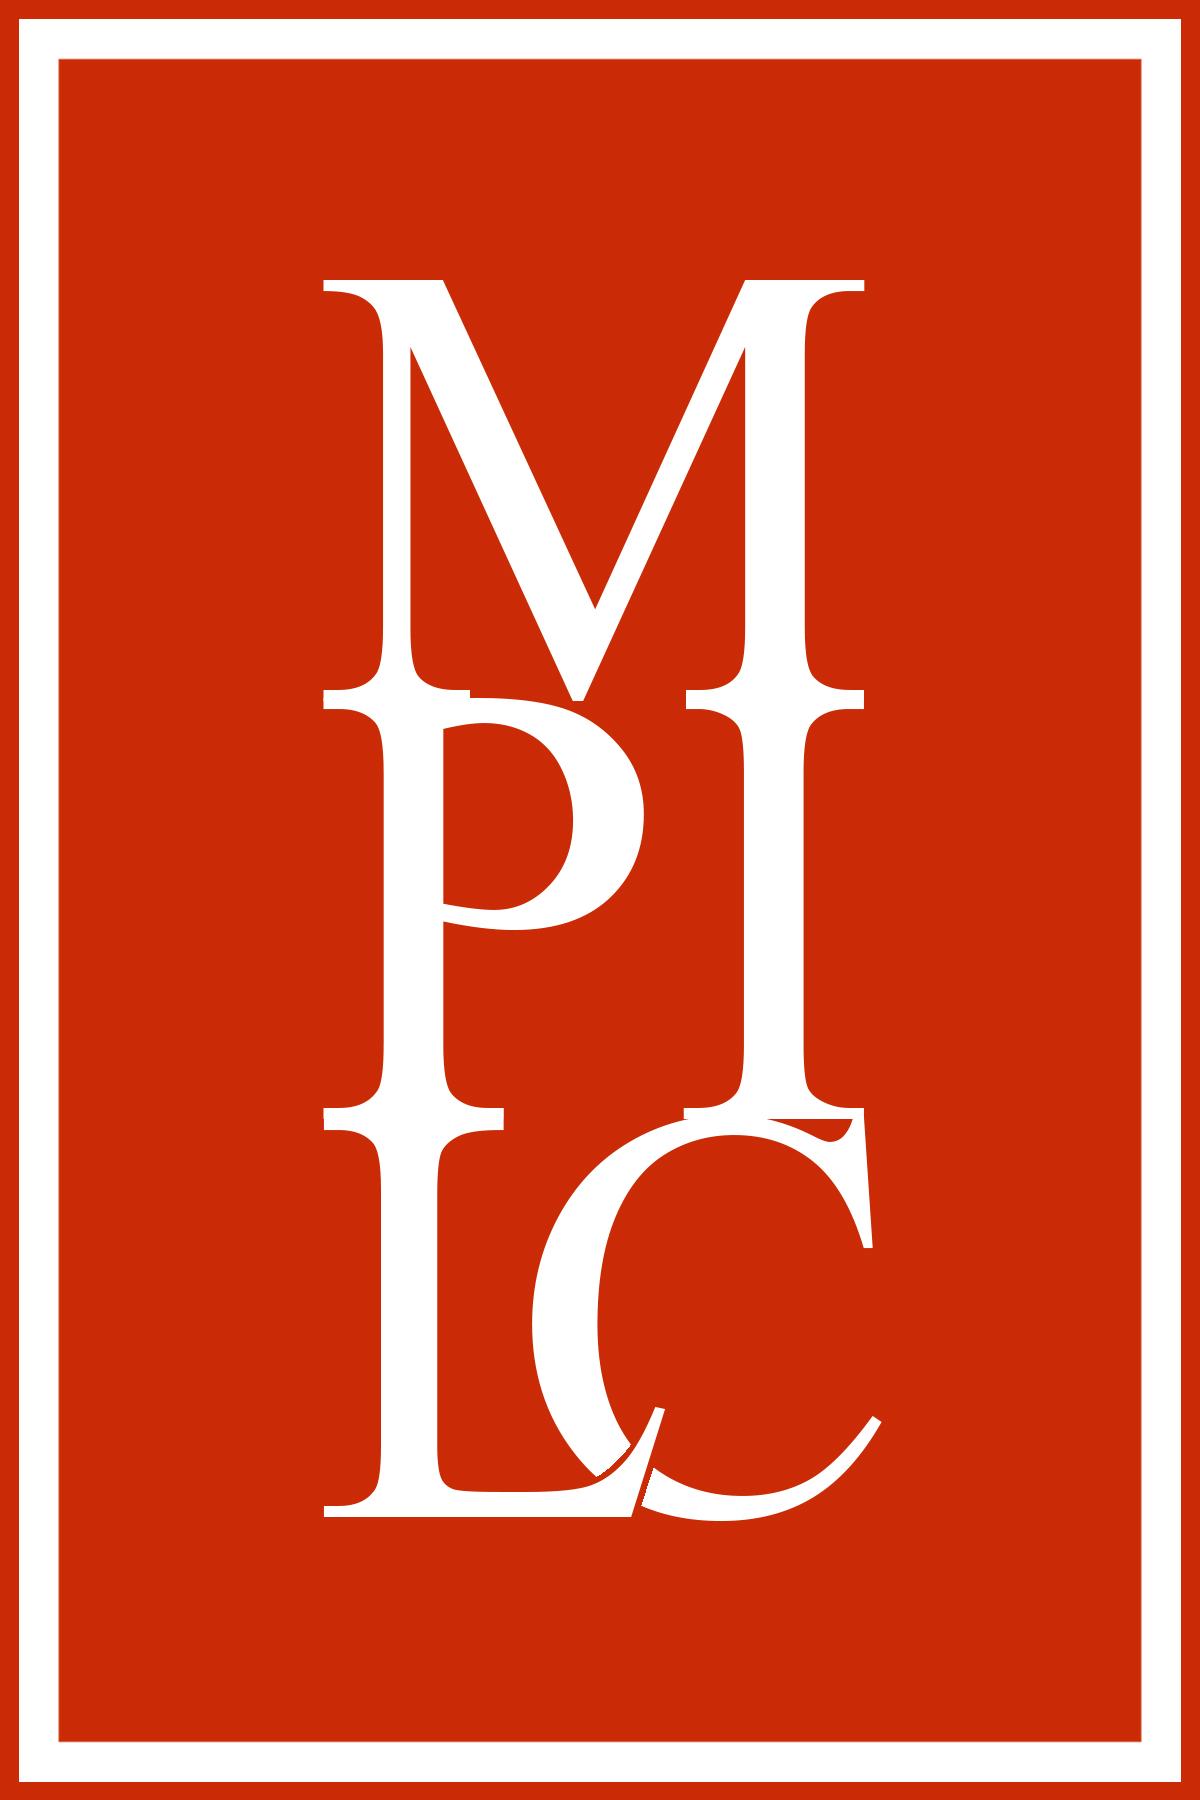 Memphis Public Interest Law Center